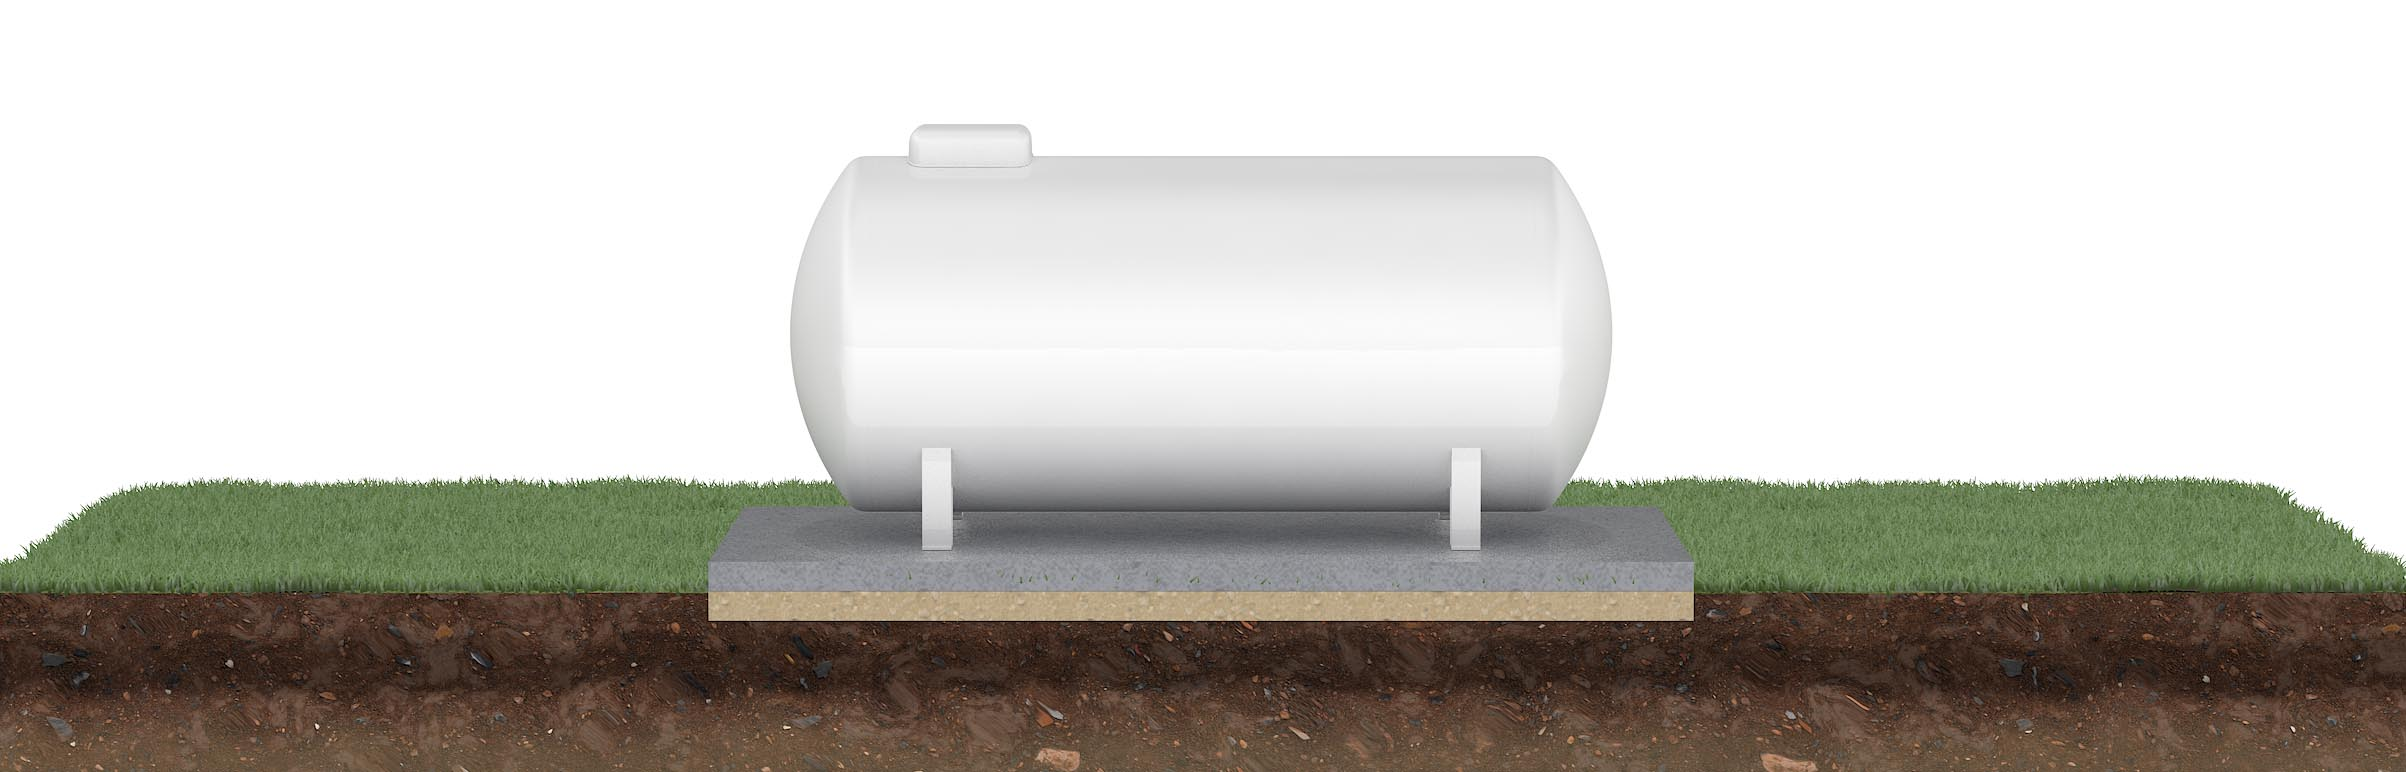 Grafische Darstellung eines Flüssiggastanks (oberirdisch aufgestellt).